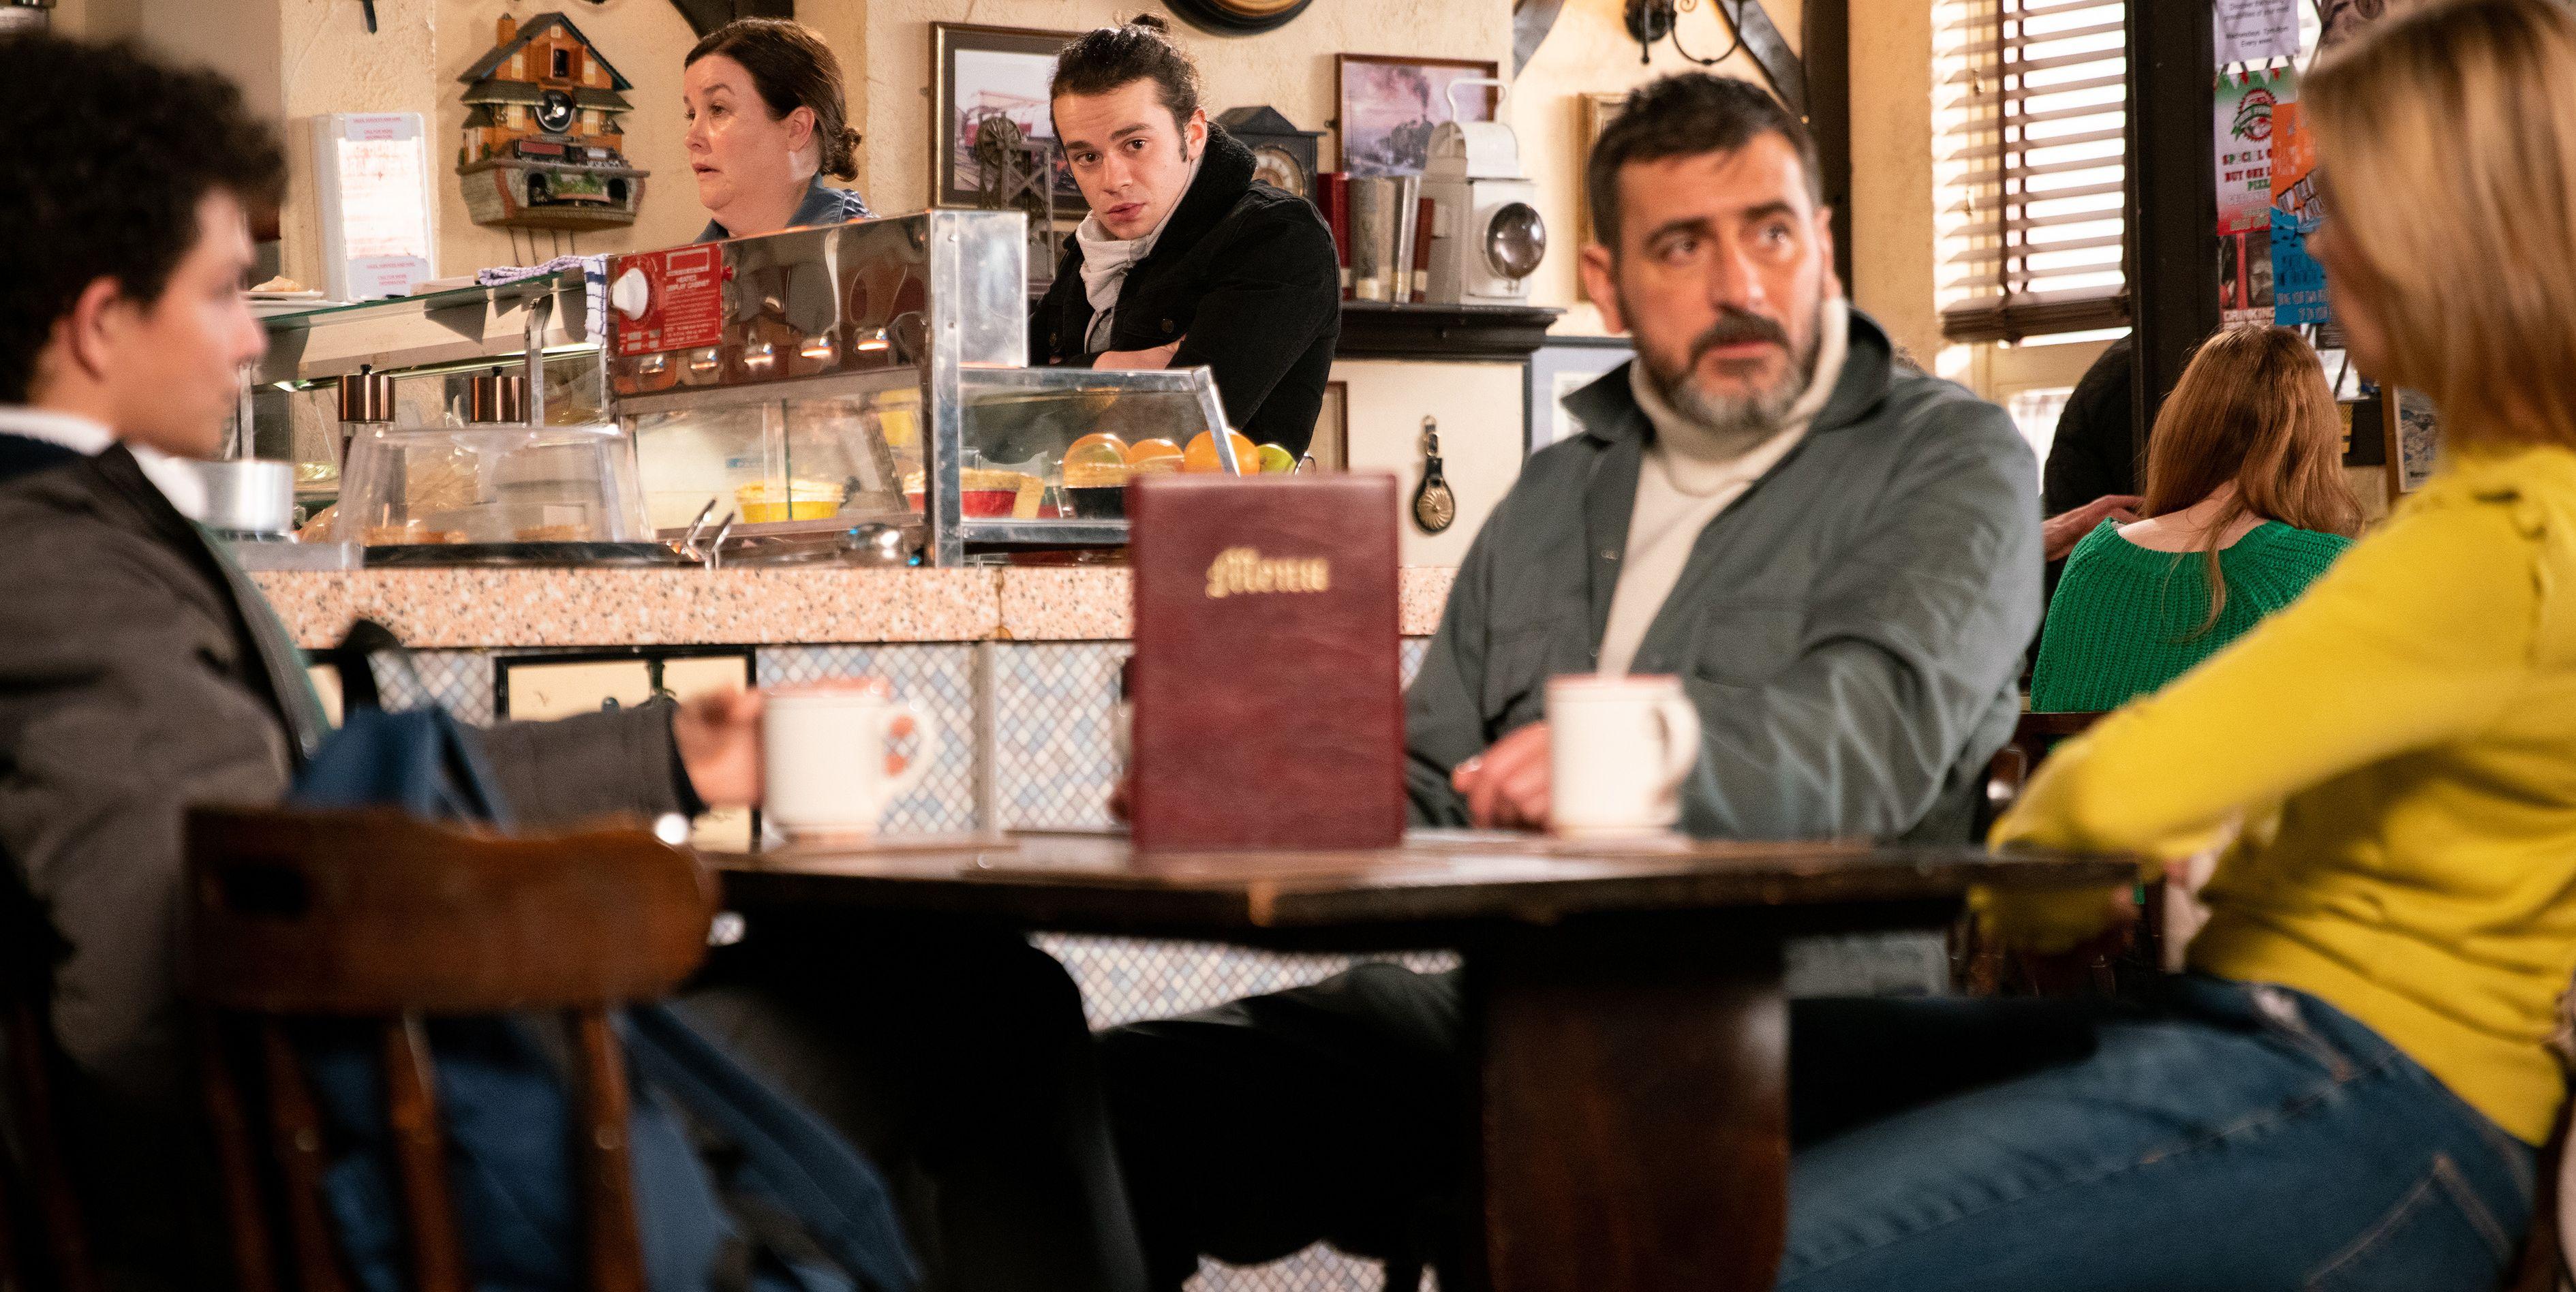 Seb Franklin hears Peter Barlow talking about Abi in Coronation Street